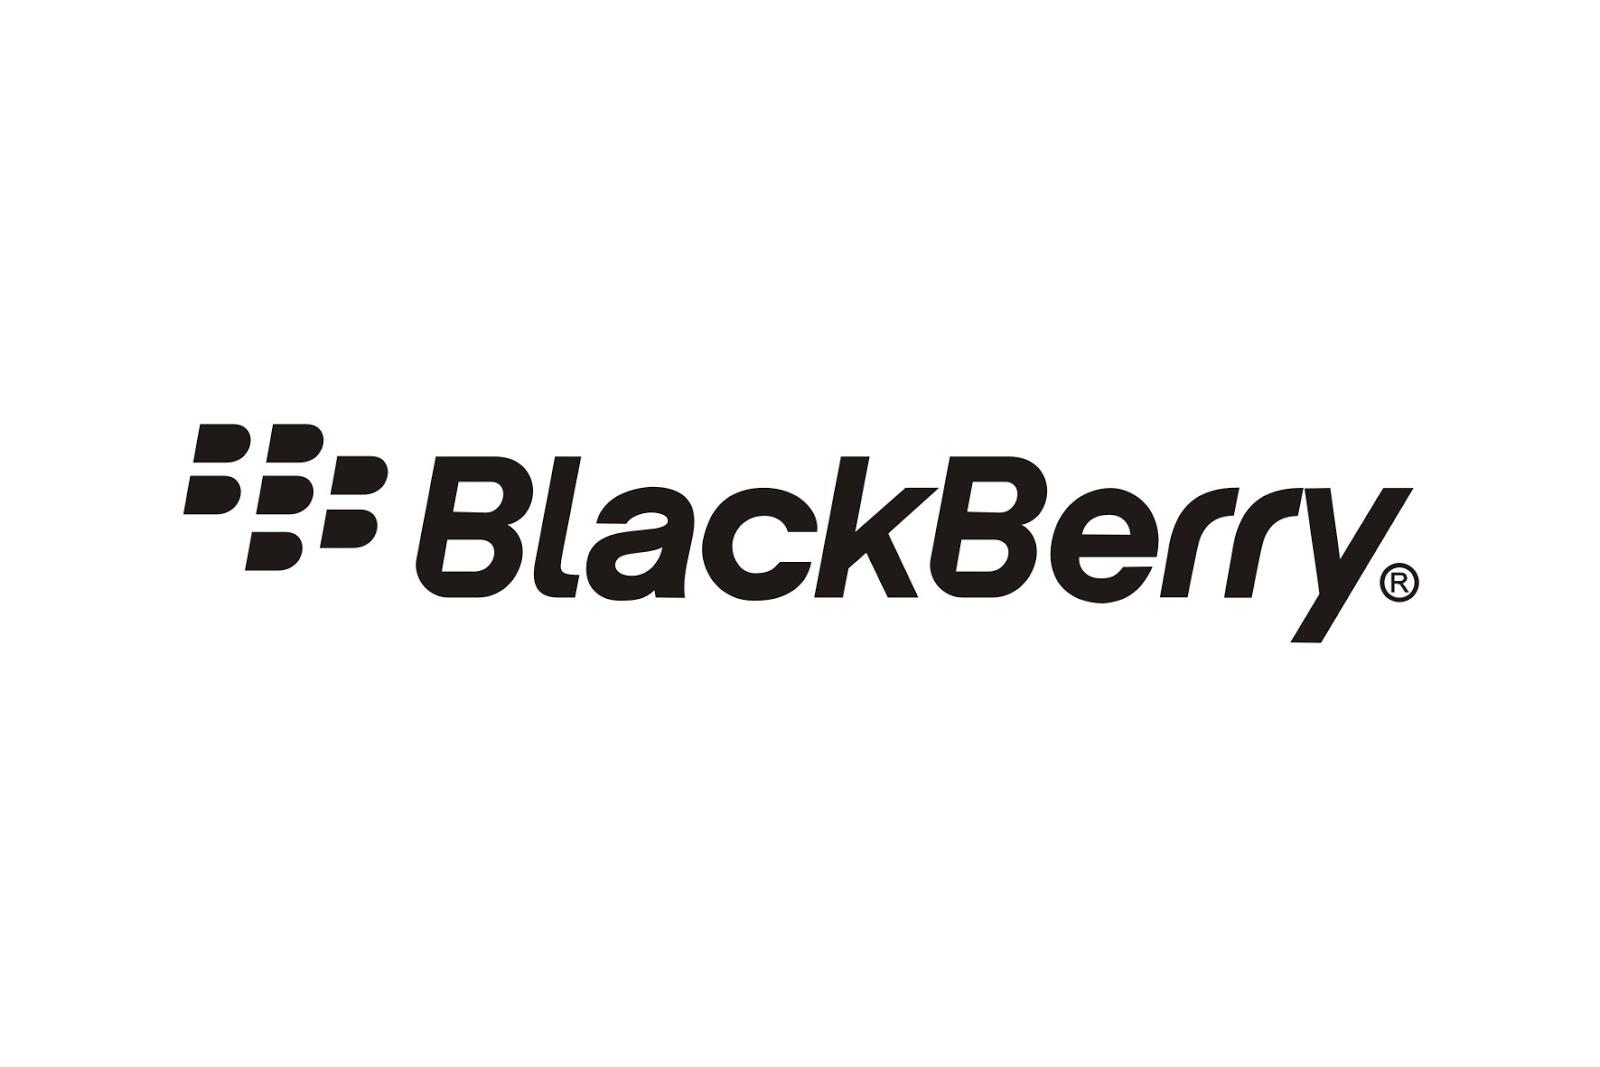 Logo Blackberry.jpg